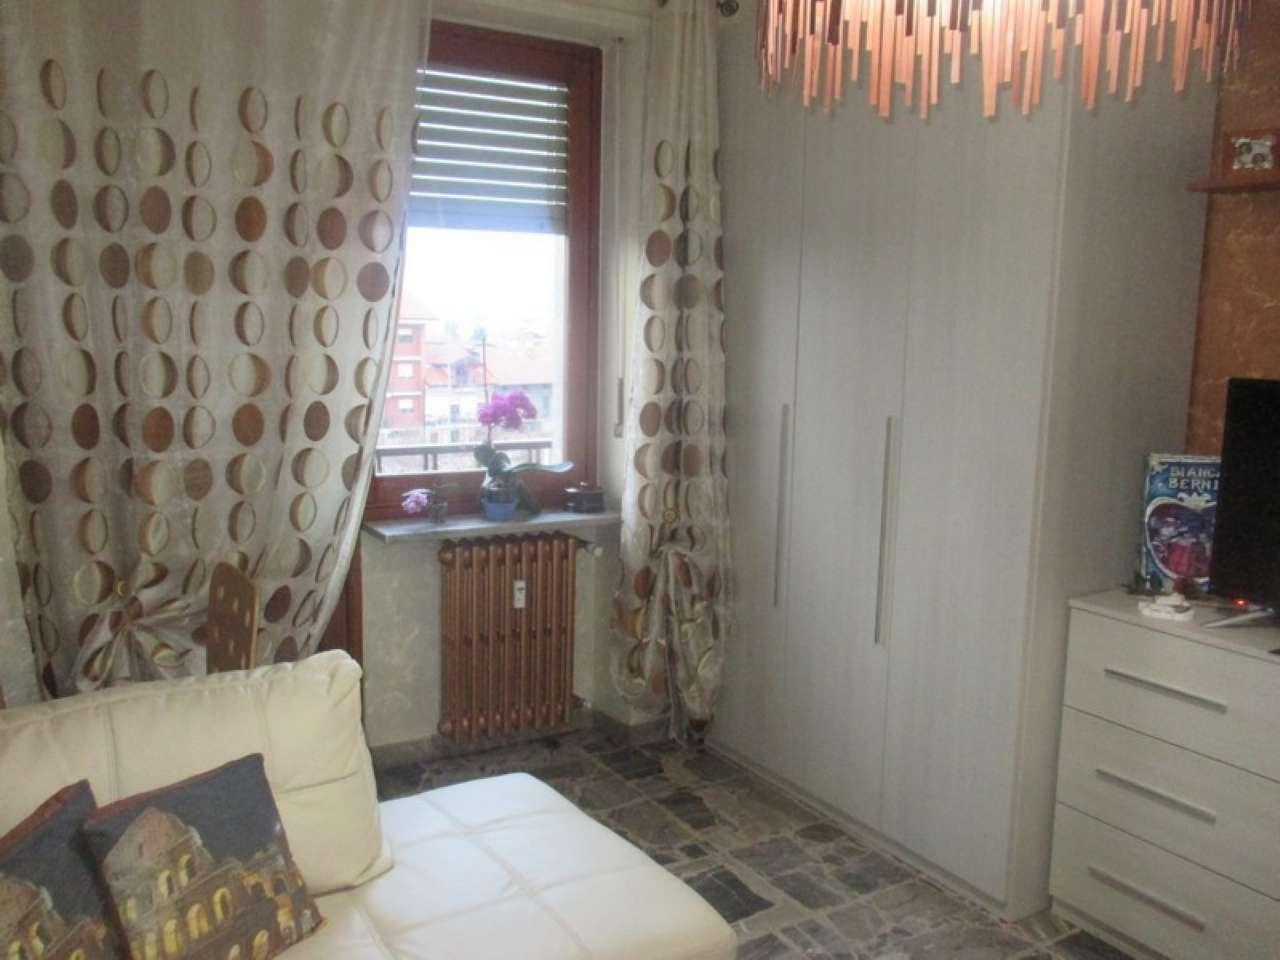 Appartamento in vendita a Gassino Torinese, 3 locali, prezzo € 105.000 | PortaleAgenzieImmobiliari.it